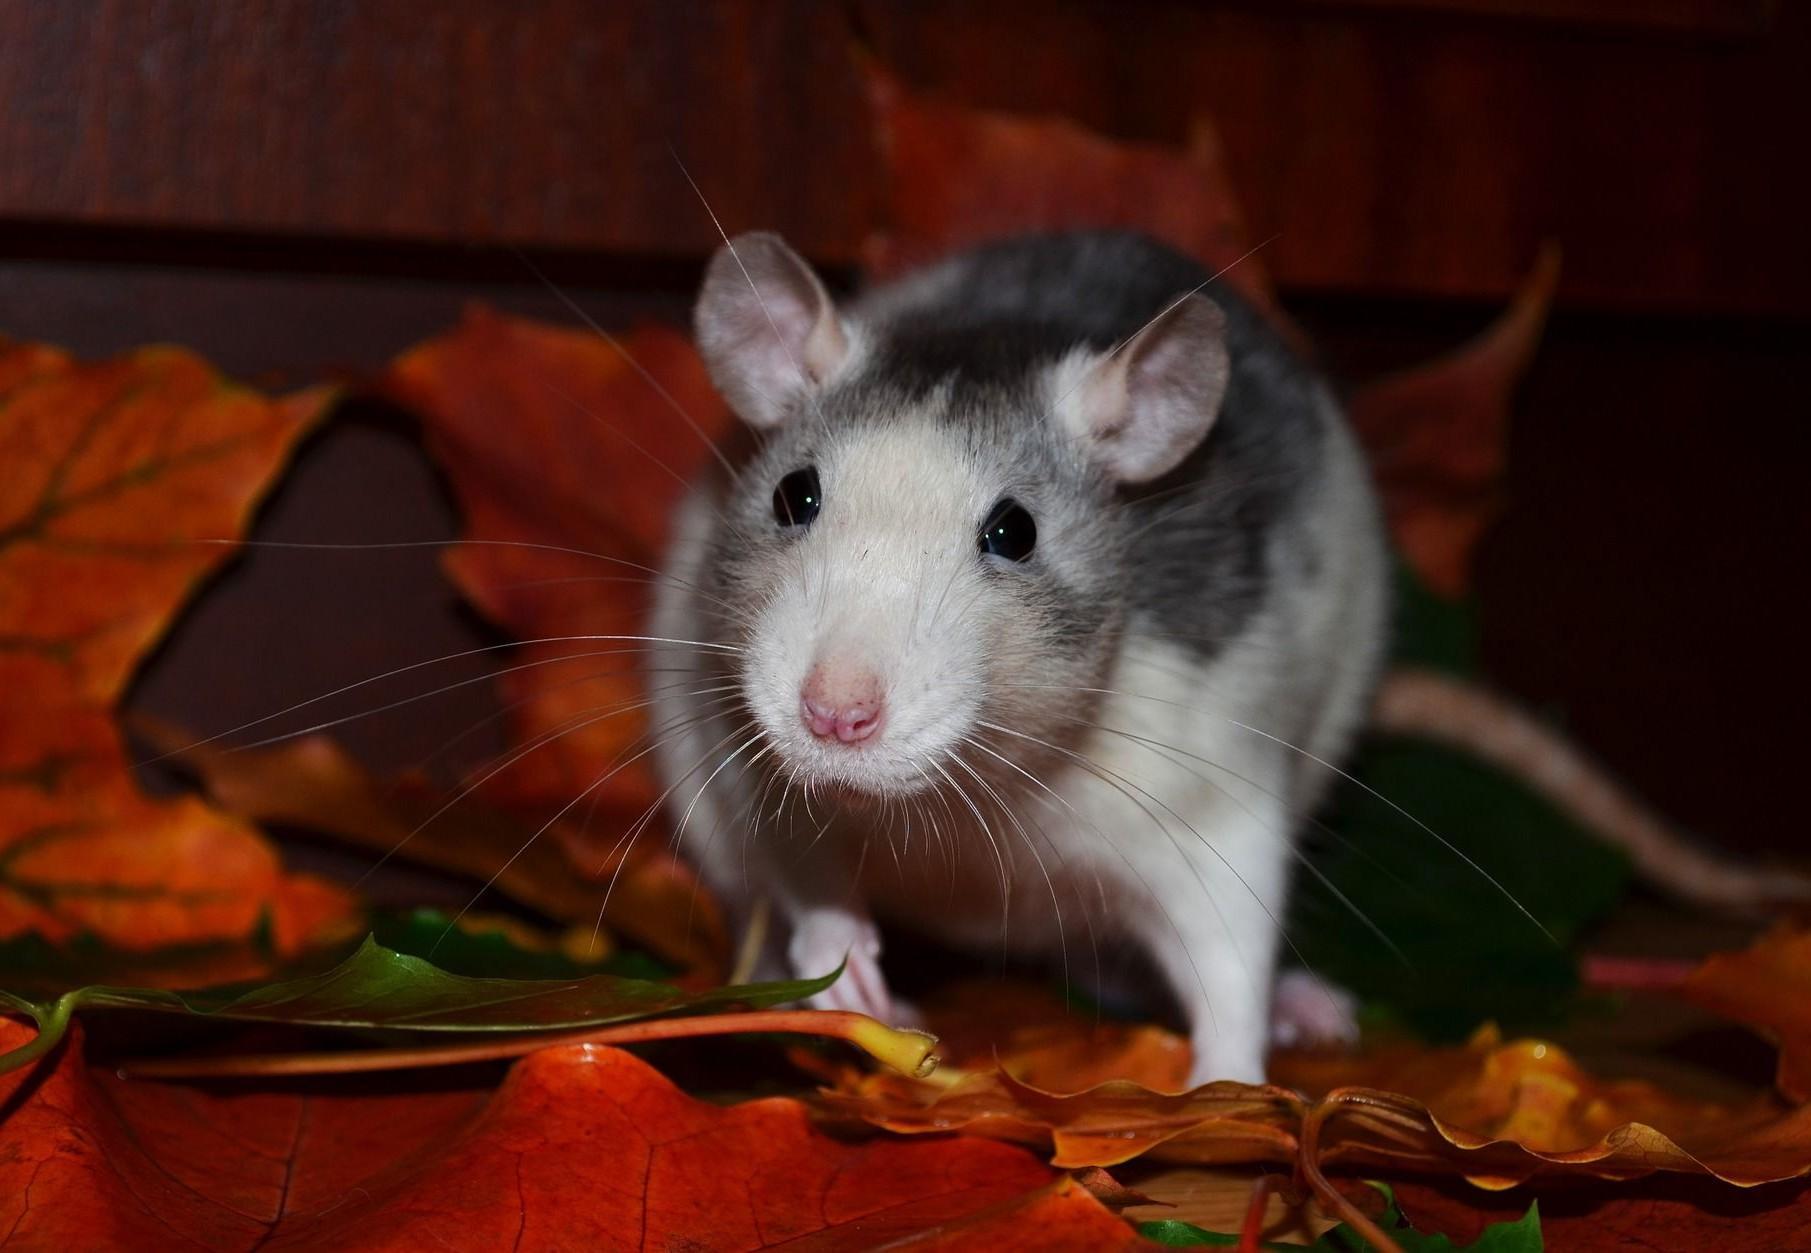 Enclosure for rats